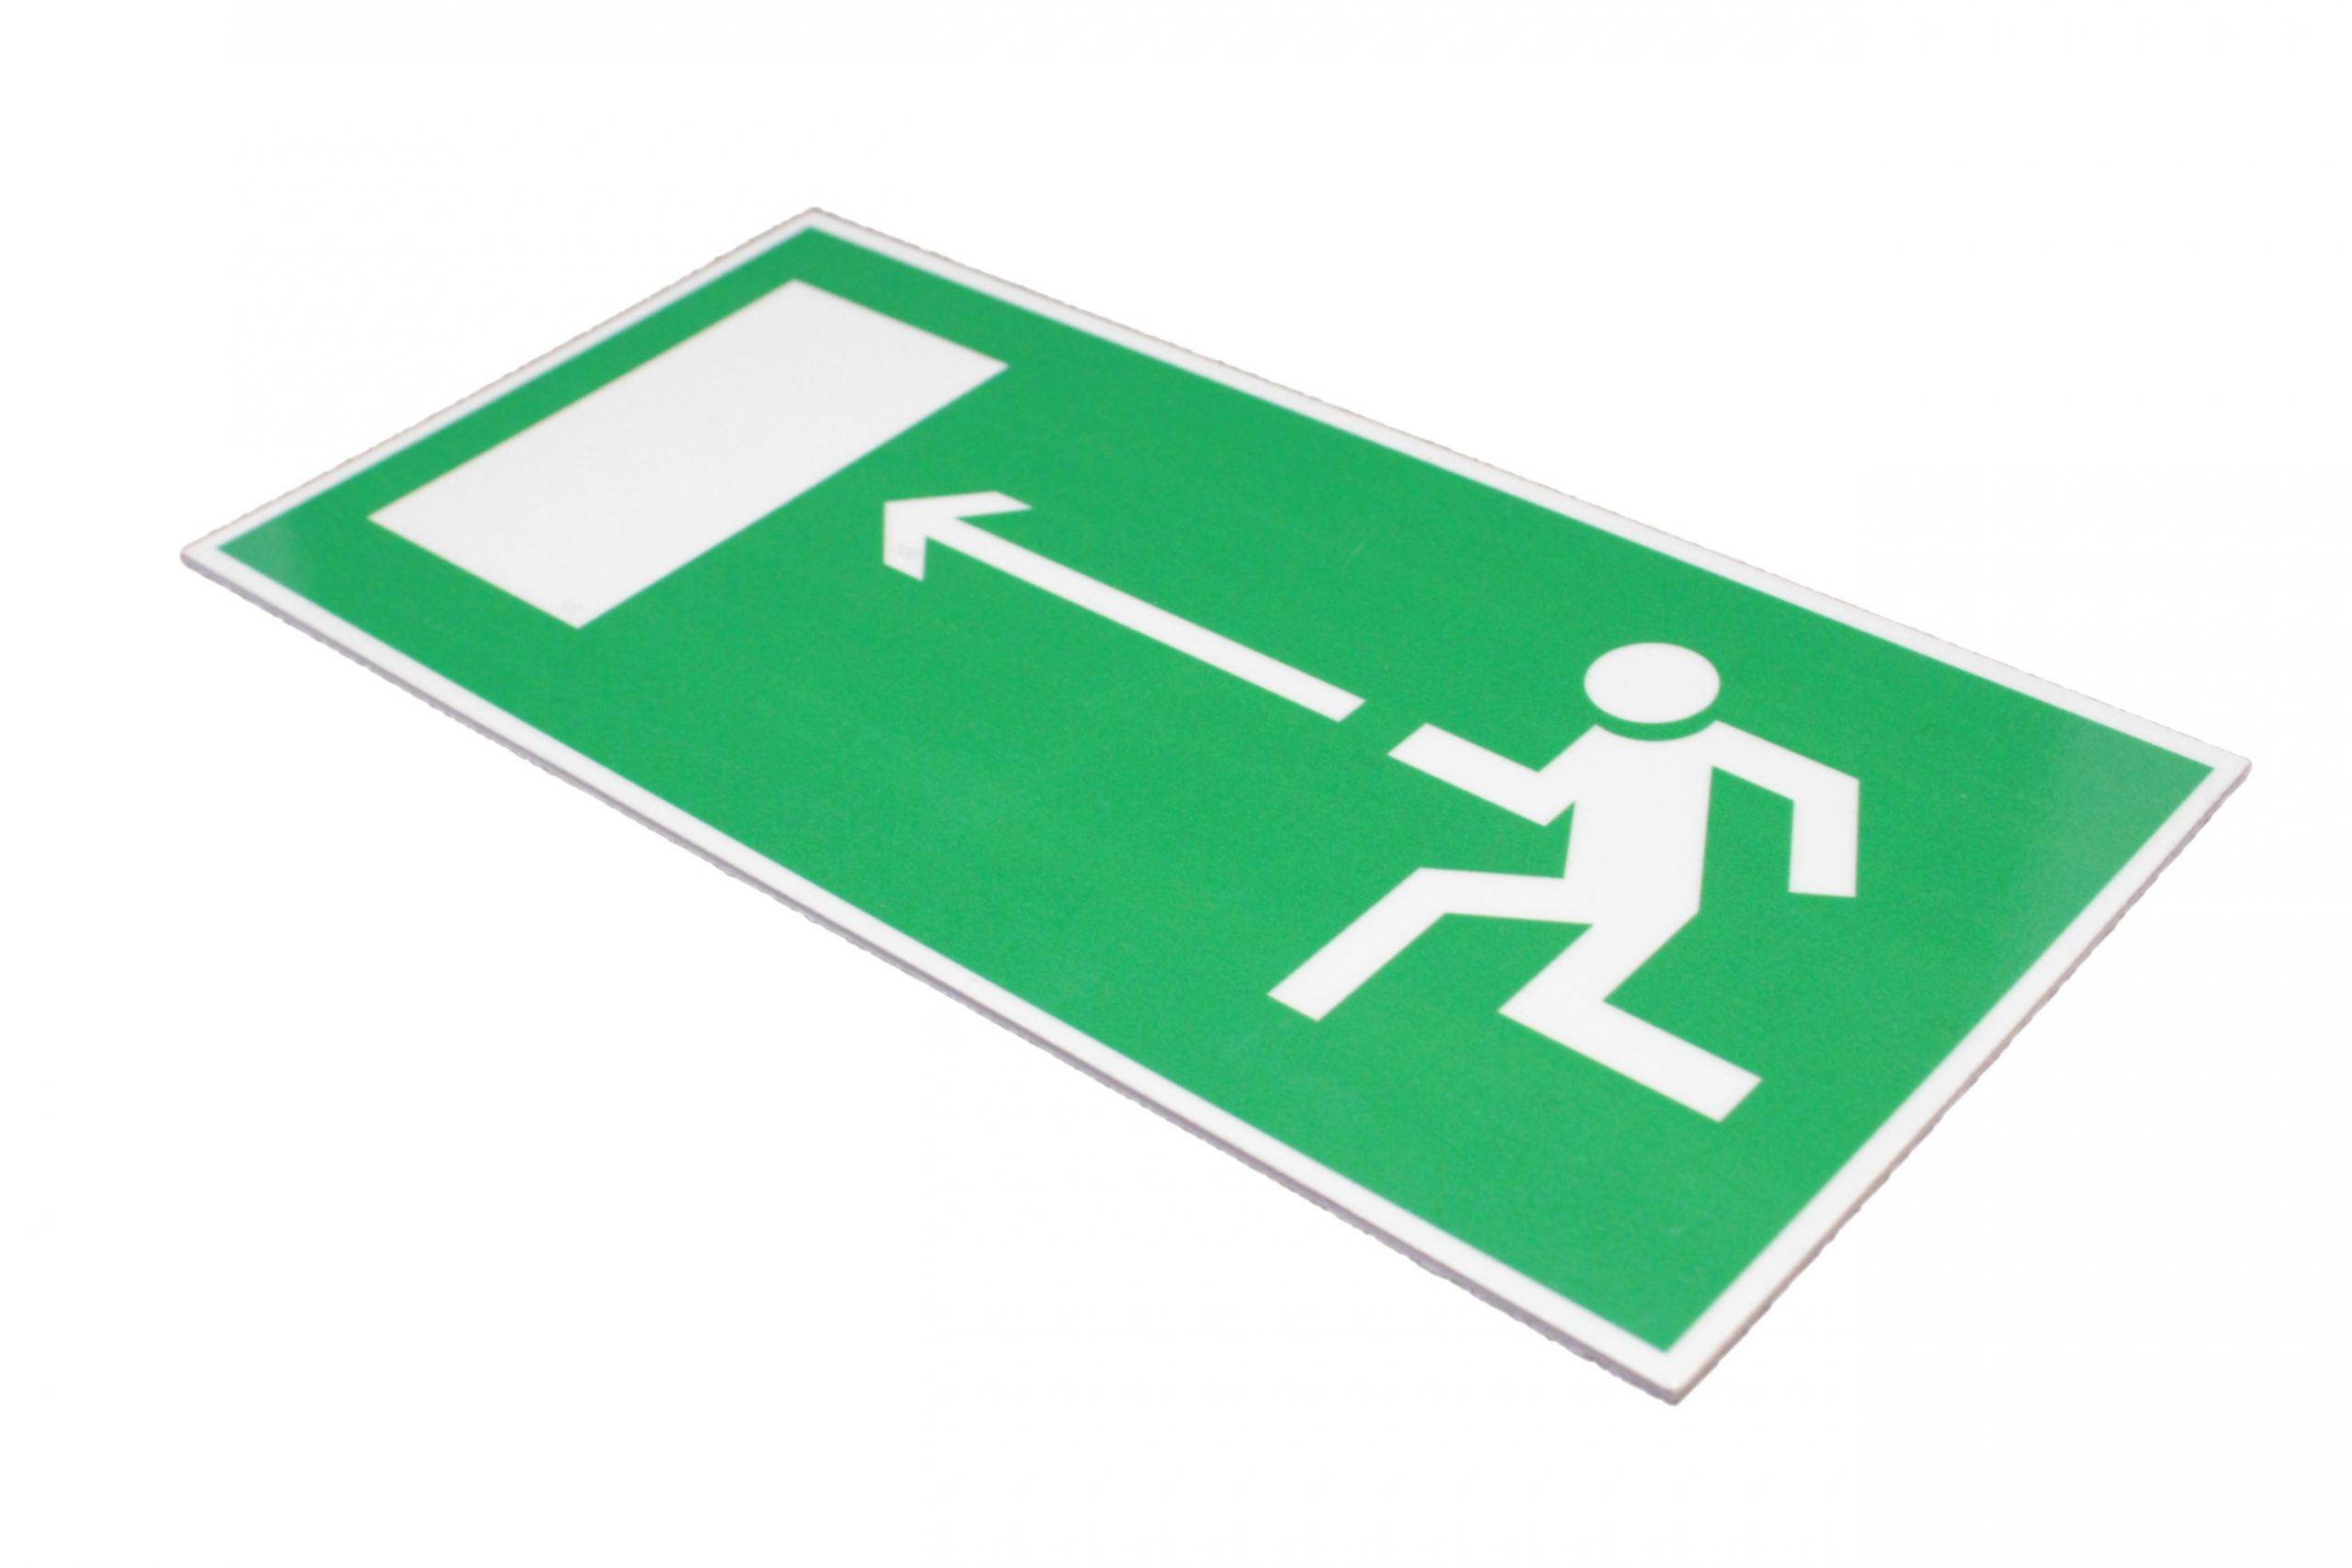 Эвакуационный знак Е 04 Направление к эвакуационному выходу налево